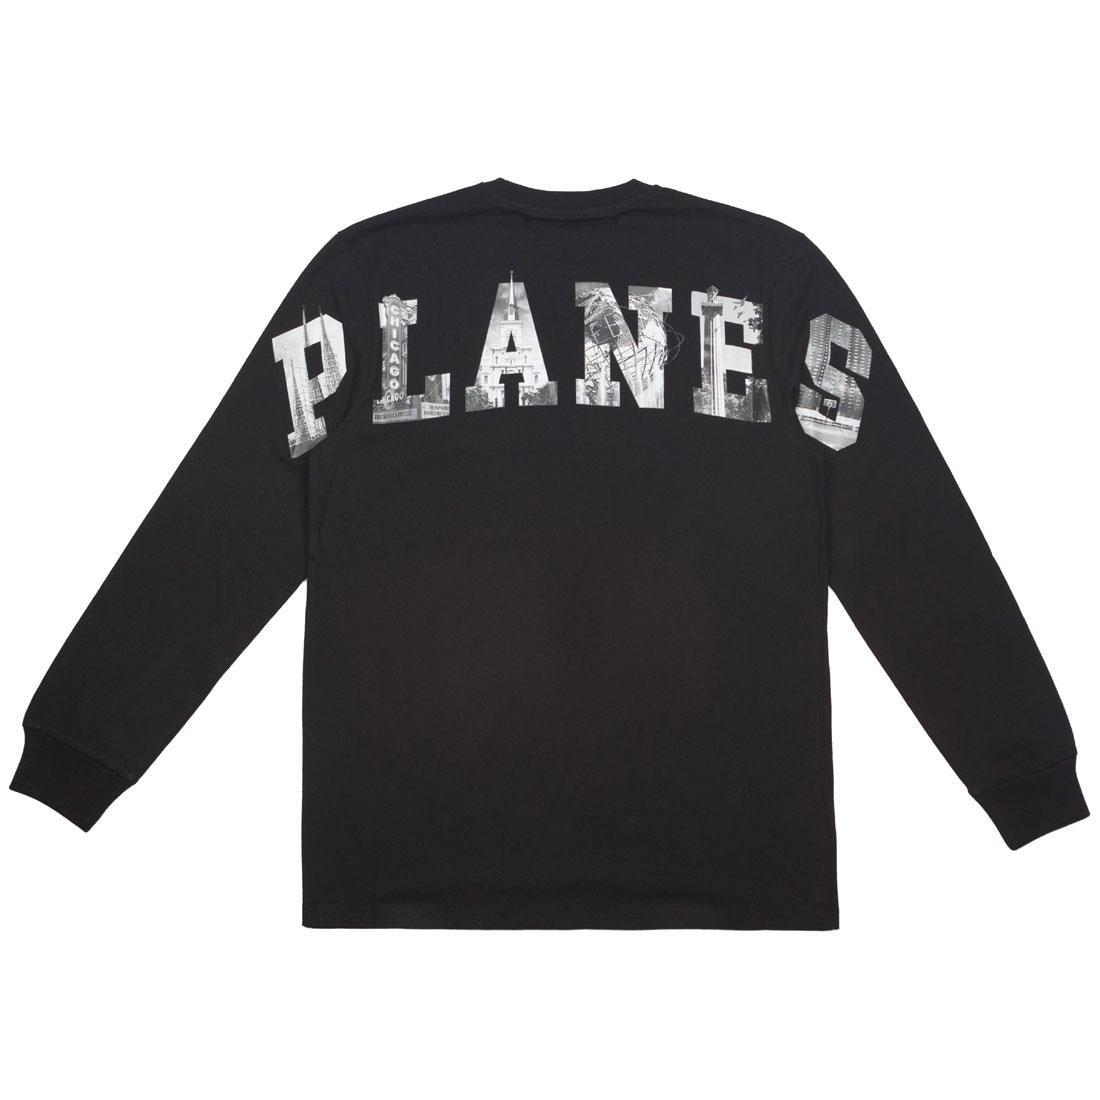 【スーパーセール中! 6/11深夜2時迄】スリーブ Tシャツ メンズファッション トップス カットソー メンズ 【 Paper Planes Men Home Long Sleeve Tee (black) 】 Black